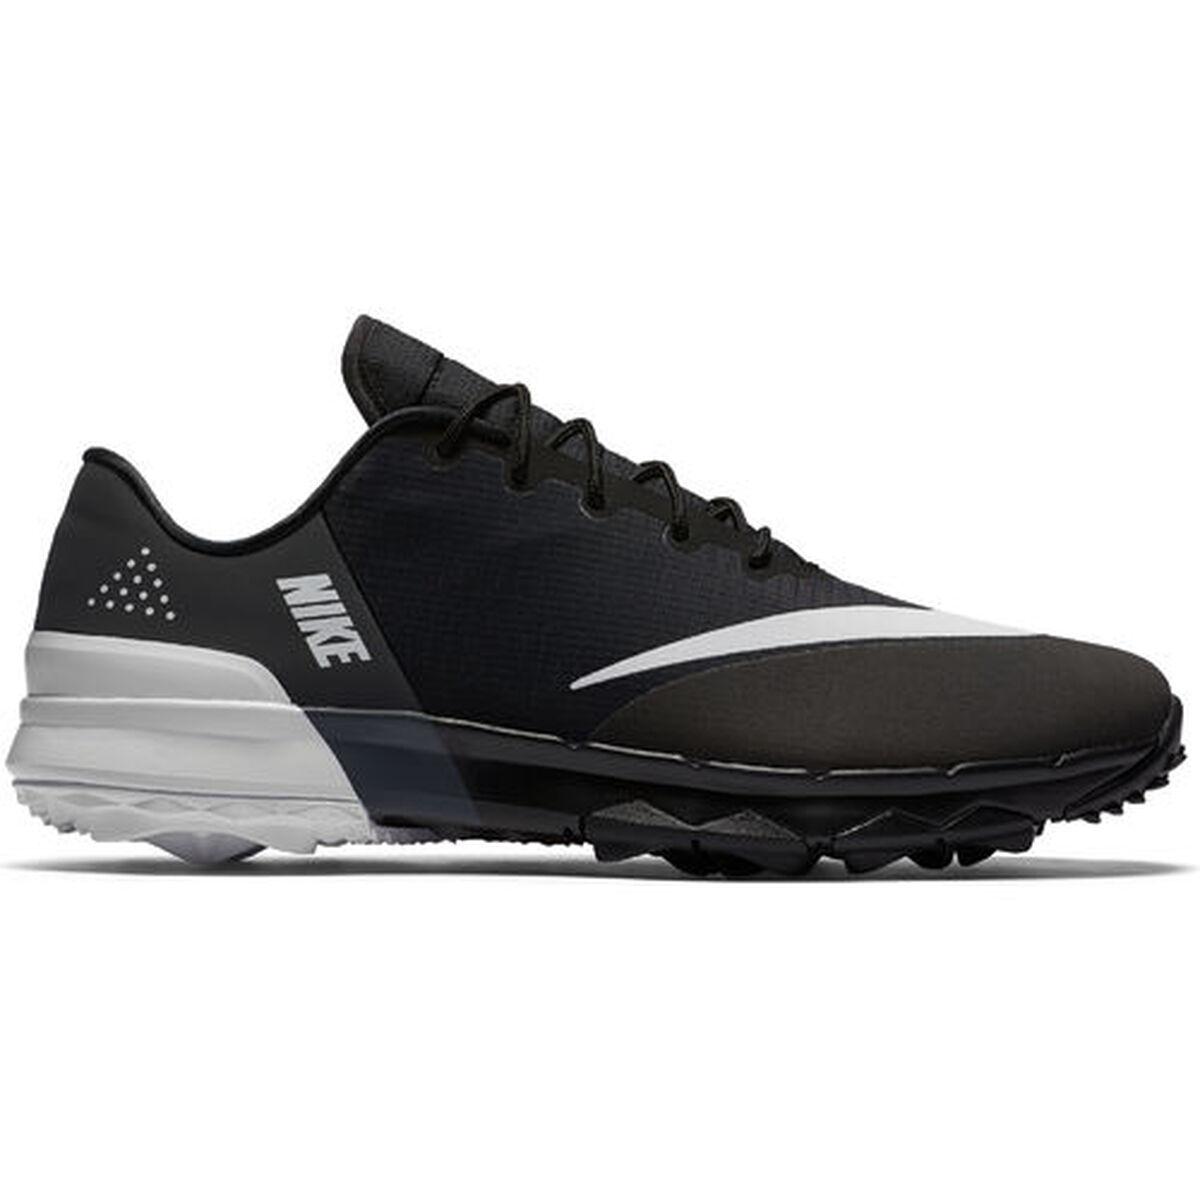 9ed75395ed21 Images. Nike FI Flex Men  39 s Golf Shoe - Black White